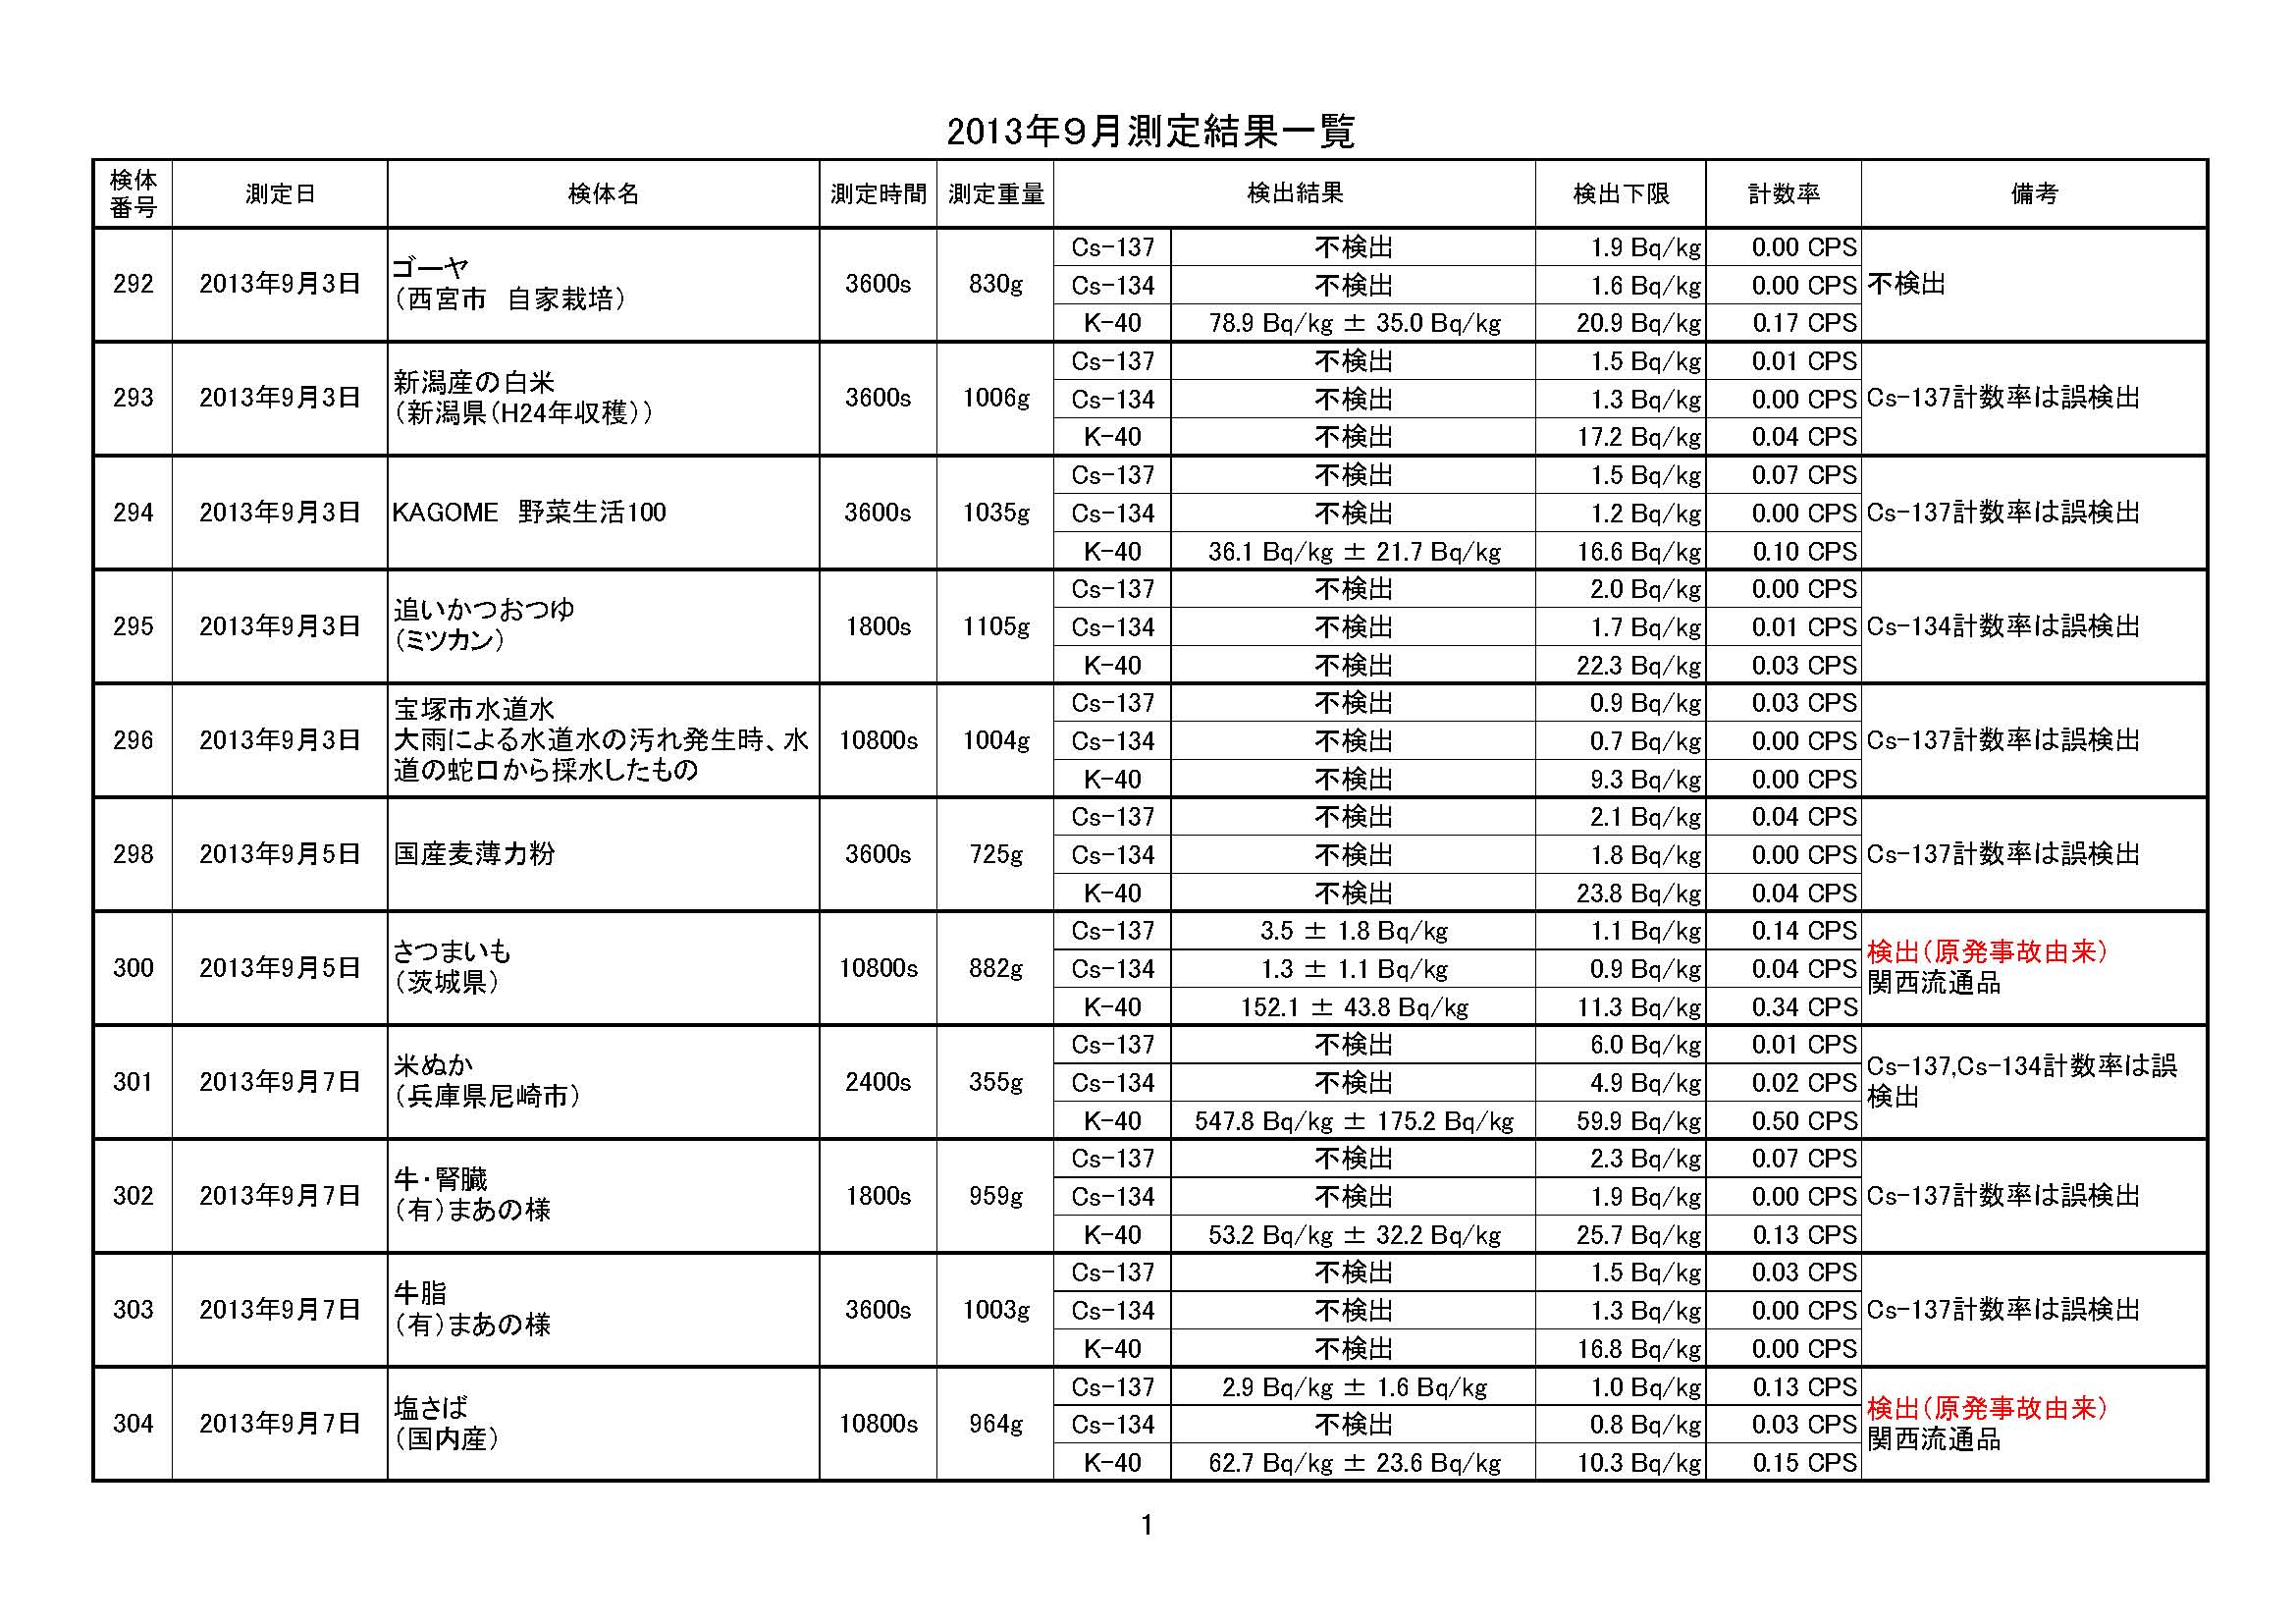 測定データ公開用(201309)_ページ_1